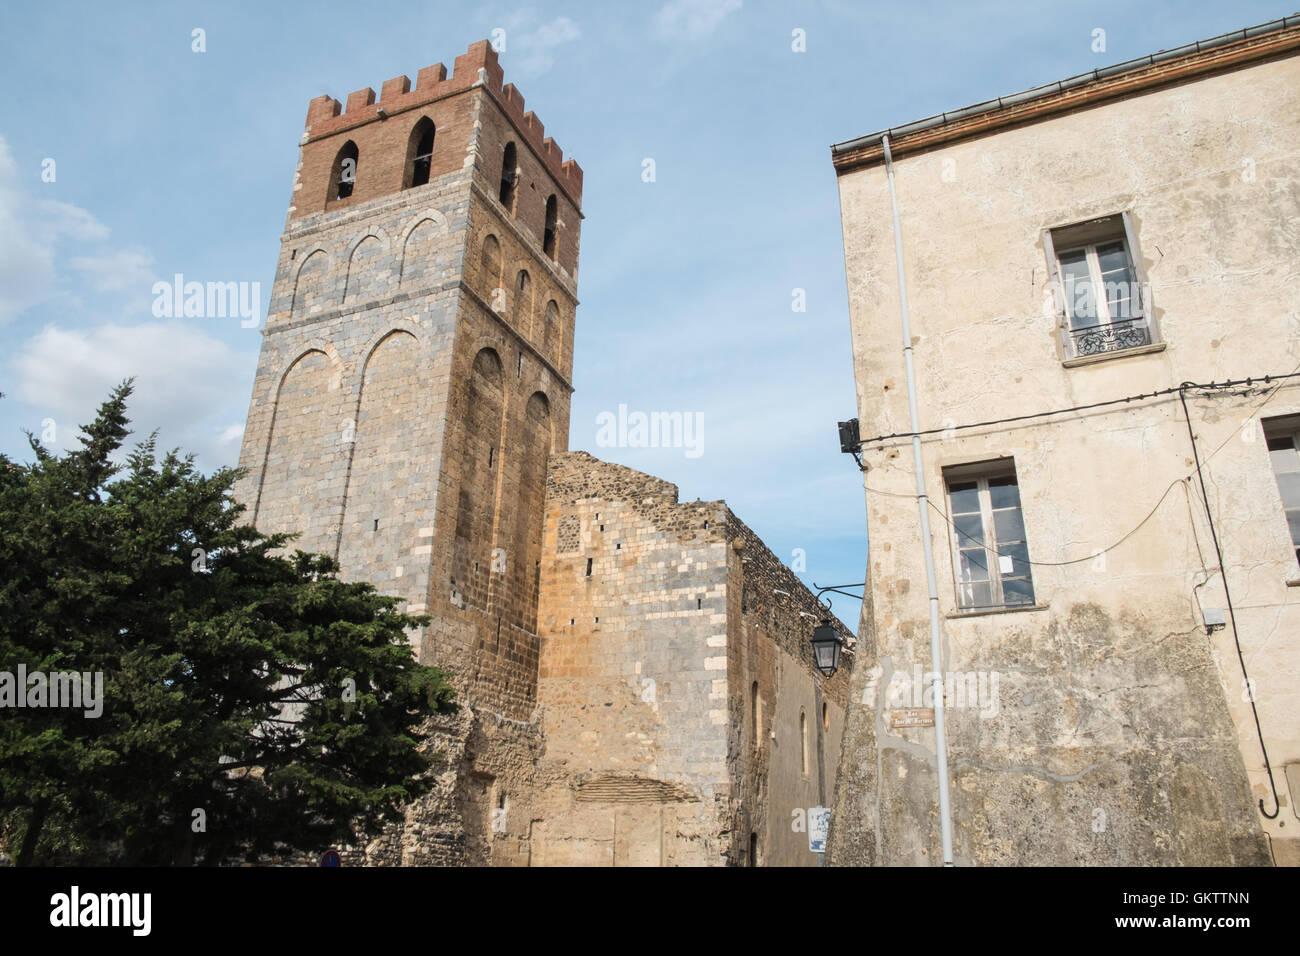 L'église catholique Sainte Marie bell tower village d'espira de l'Agly en Languedoc Roussillion,Pyrénées Orientales,Midi Banque D'Images